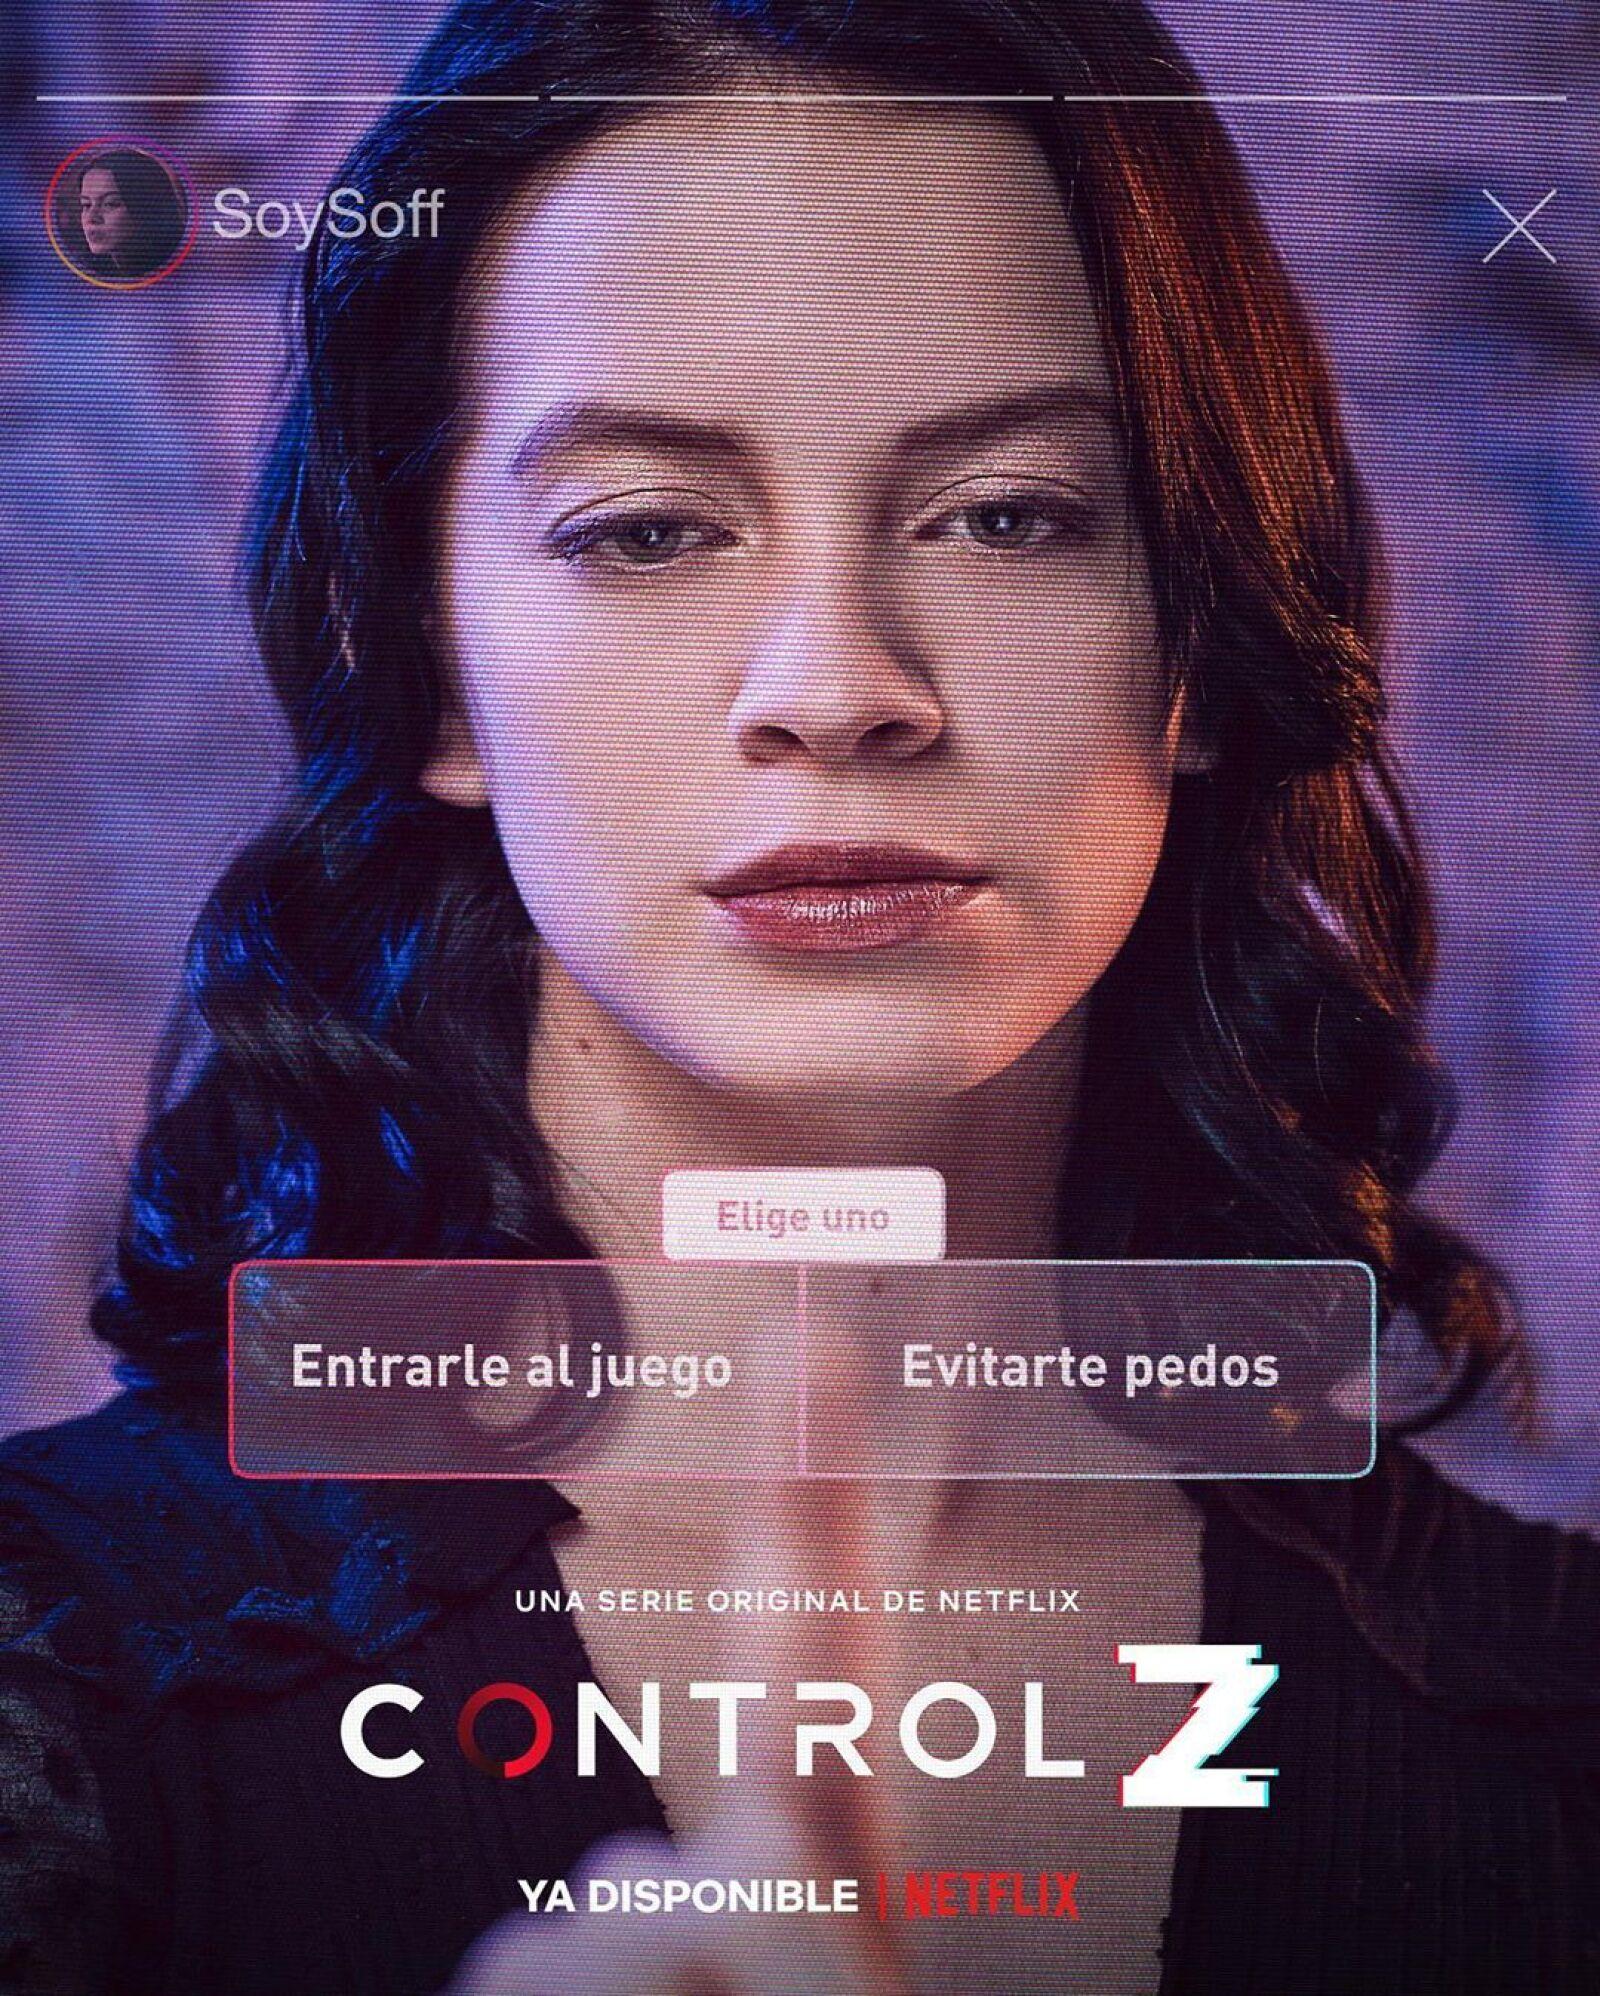 sofia-controlz